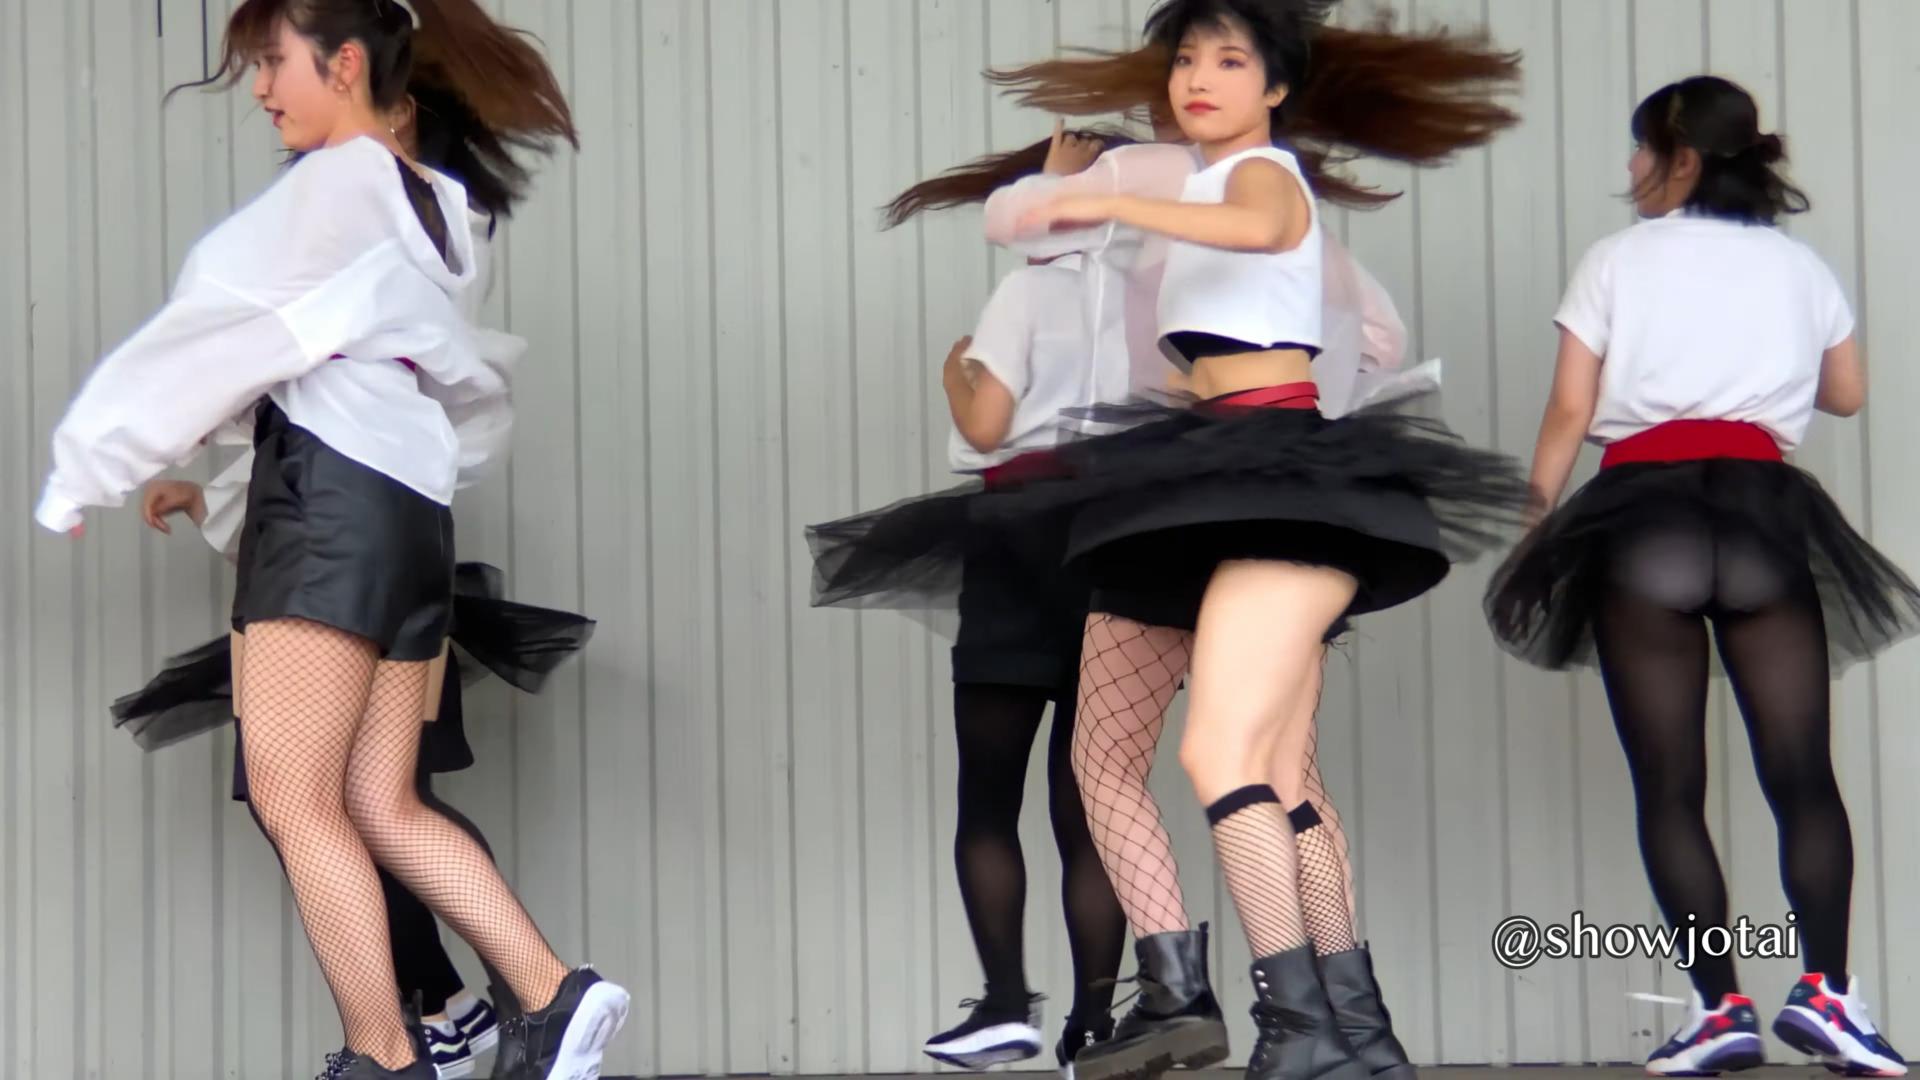 女子ダンス【美脚なお姉さんと盛り上がろう!】Japanese Girls Dance 01:07